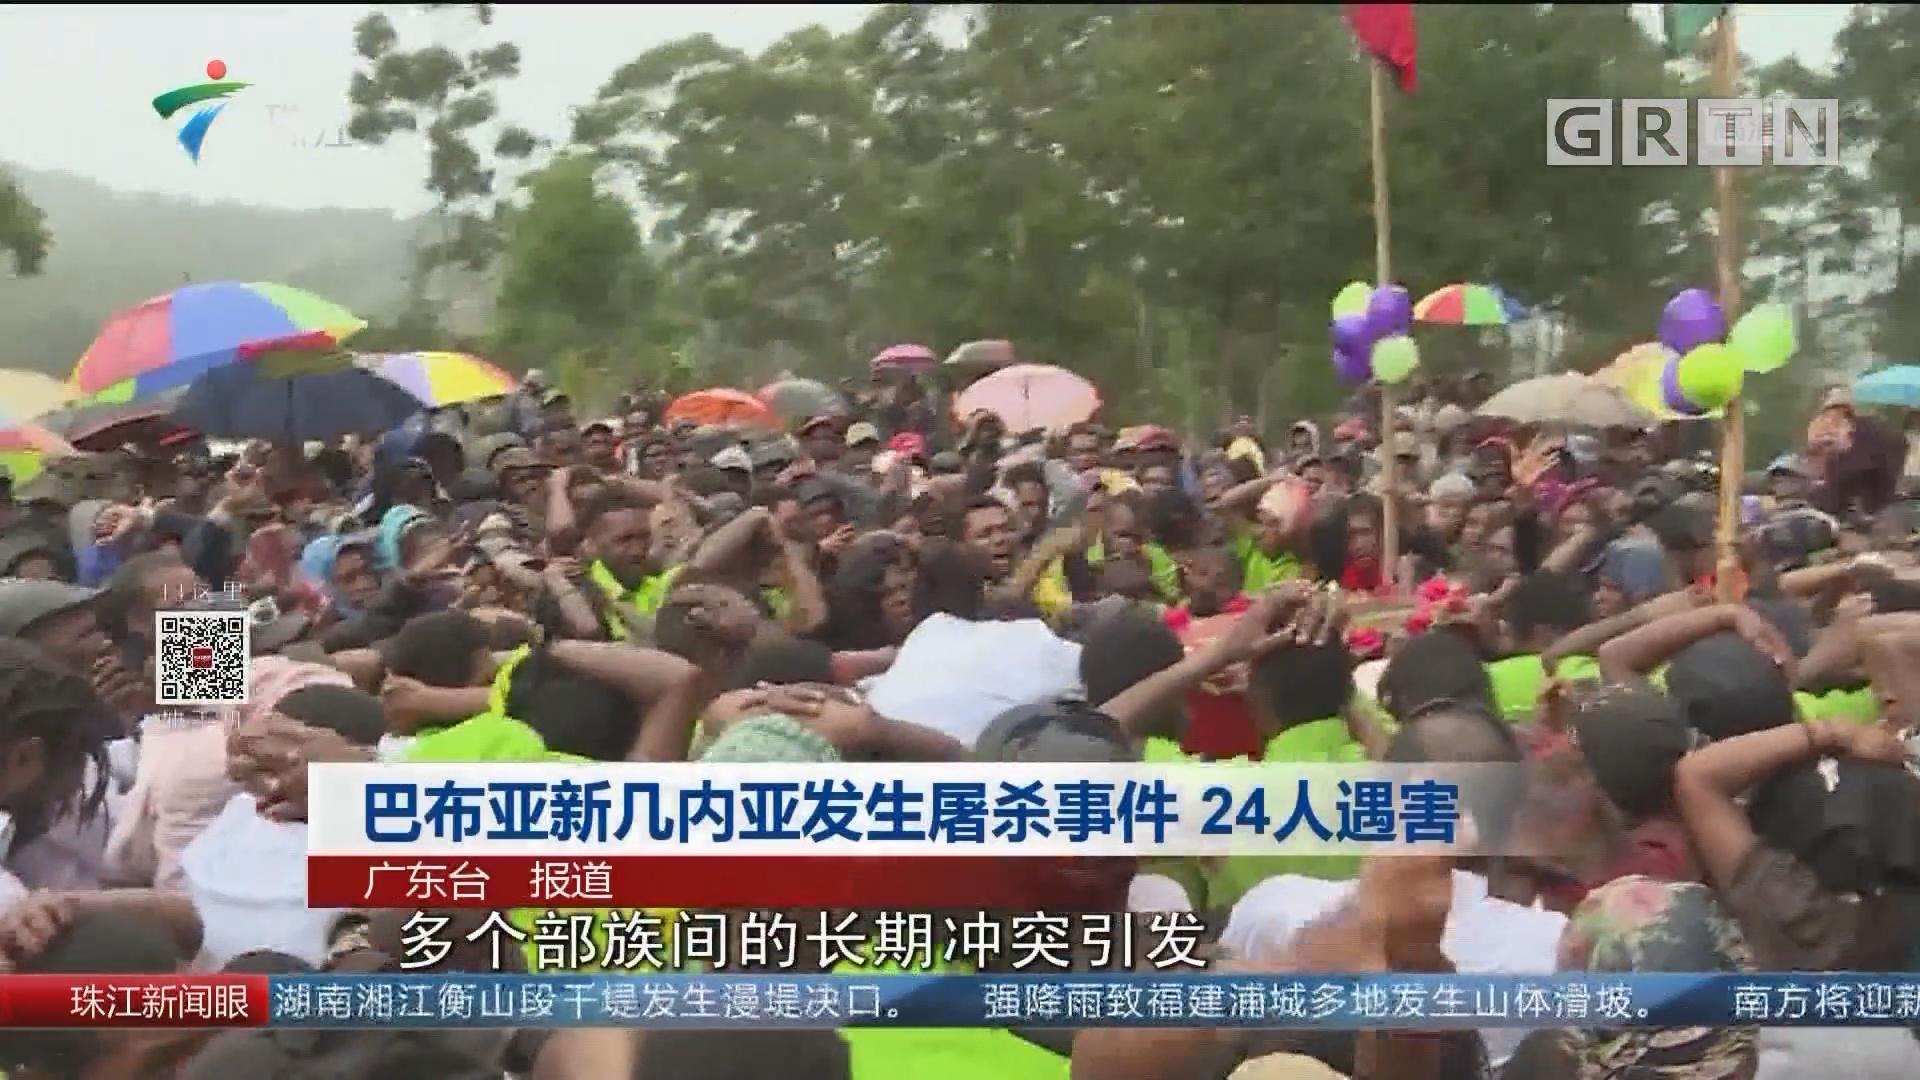 巴布亚新几内亚发生屠杀事件 24人遇害